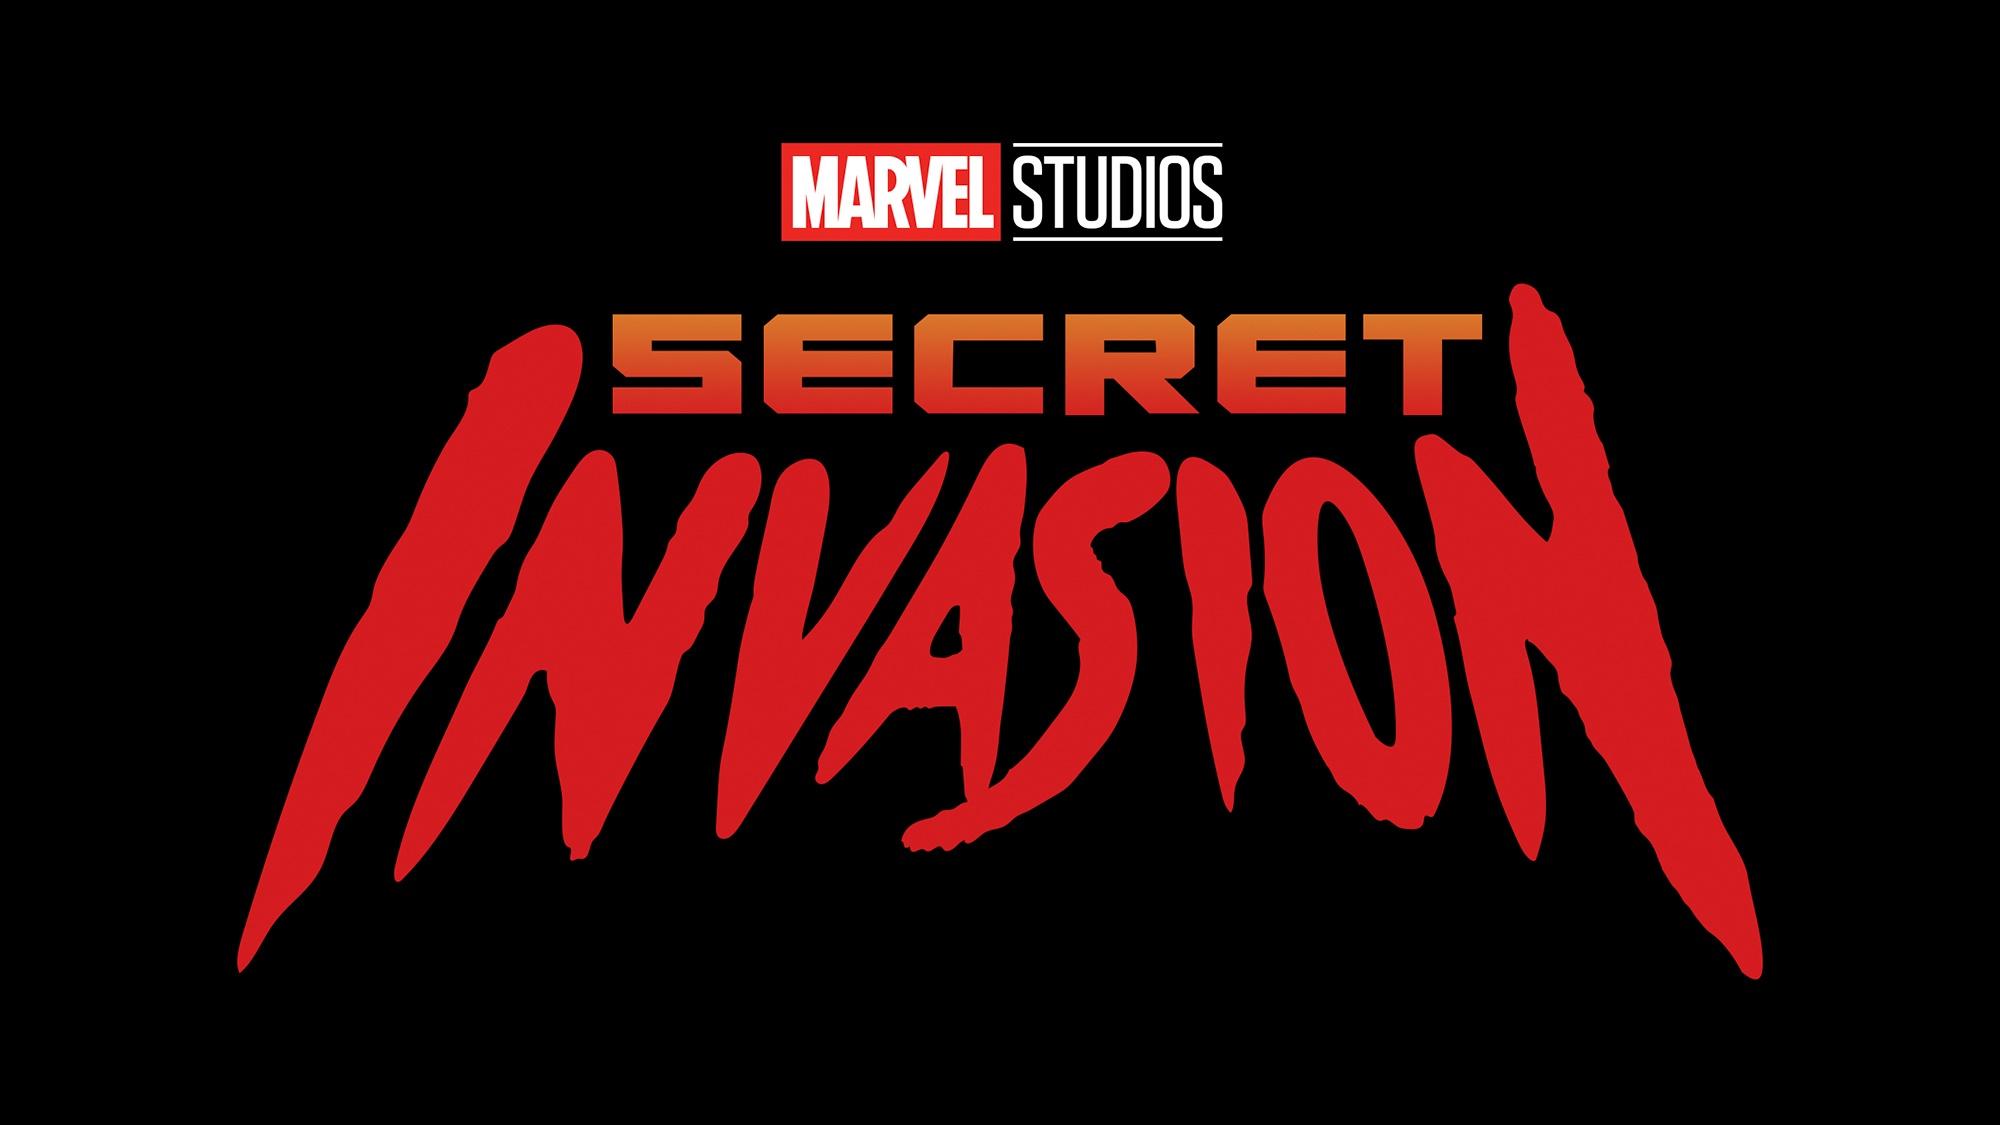 secret_invasion_logo.jpg